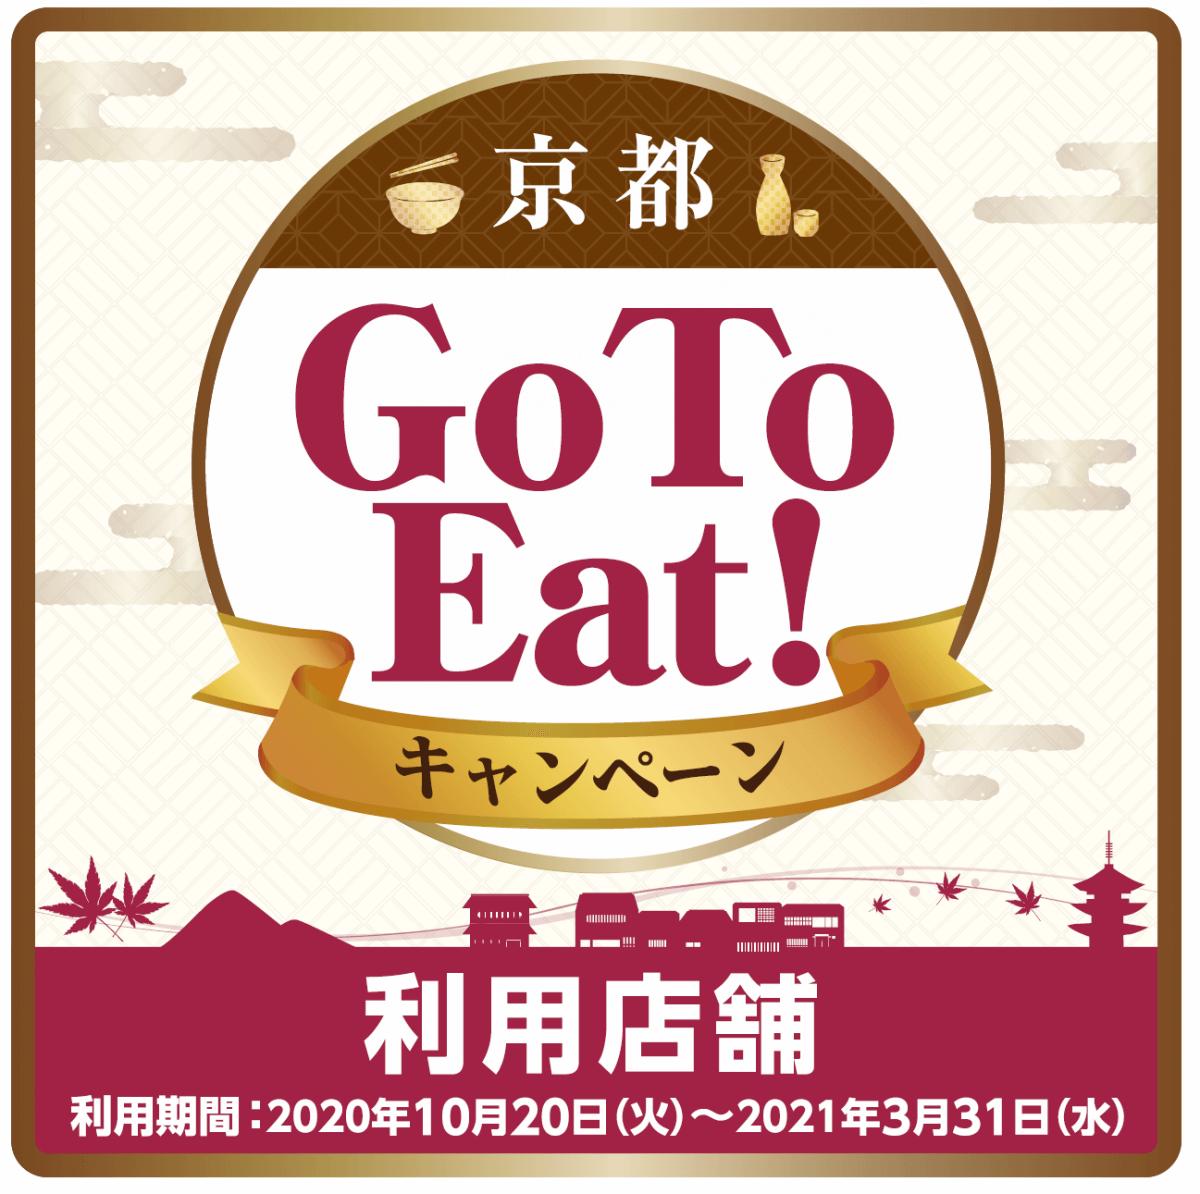 京都Go To Eat!キャンペーン お食事券がご利用いただけます